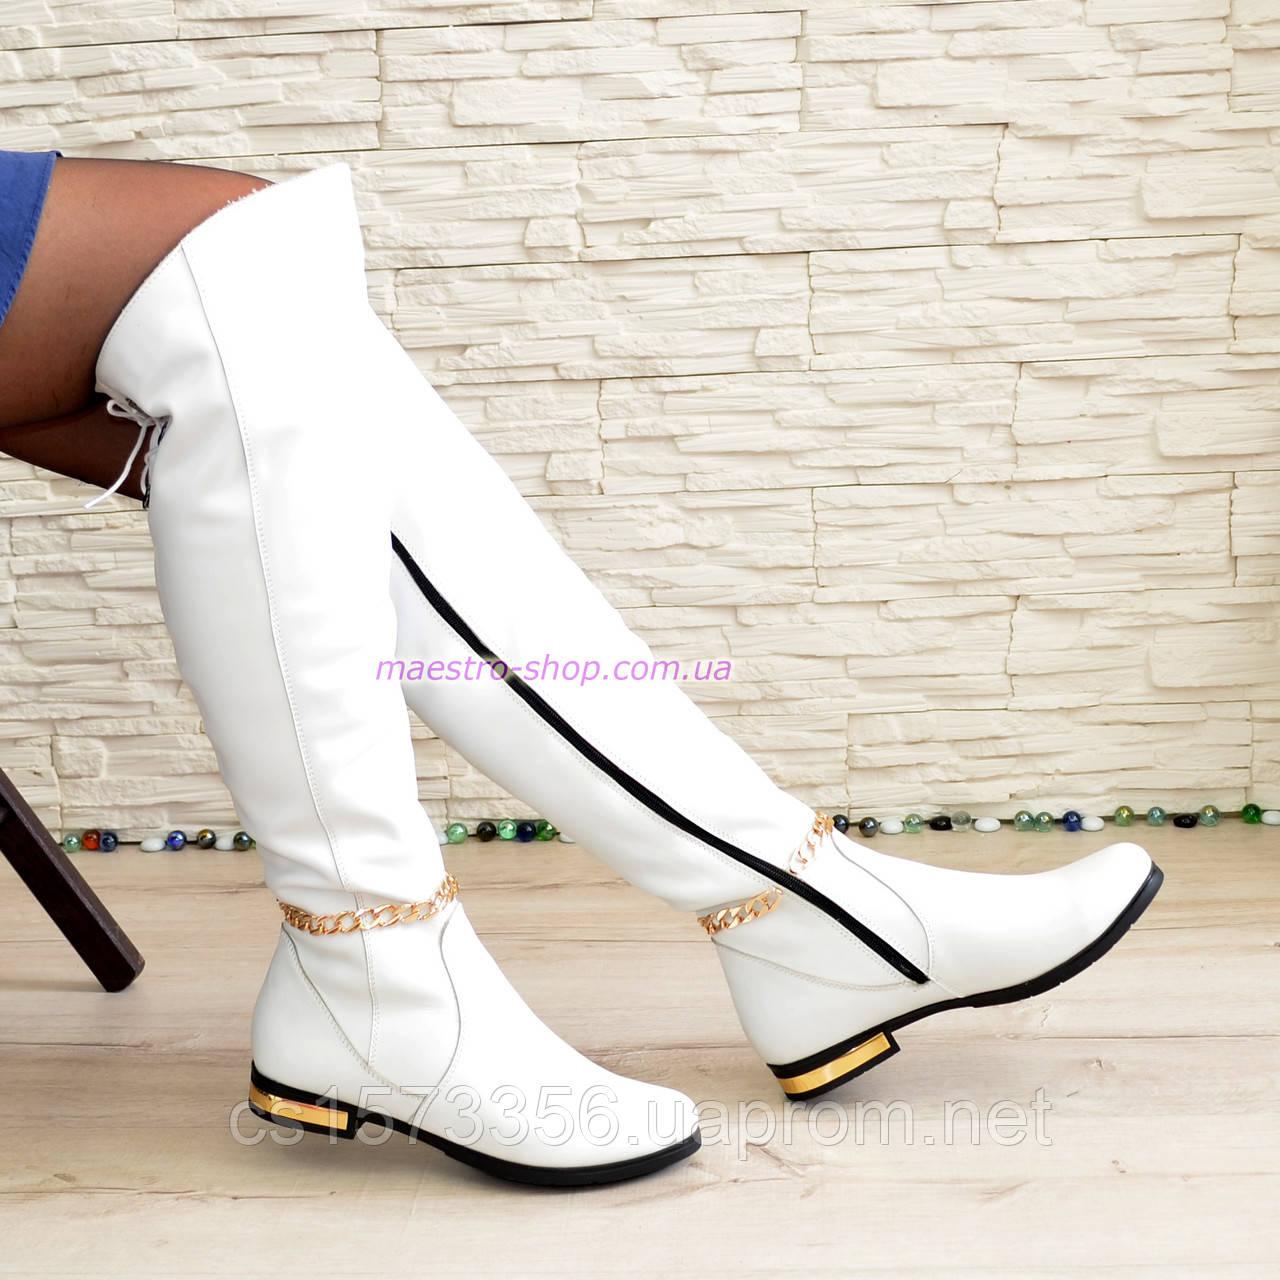 Ботфорты демисезонные кожаные белого цвета.